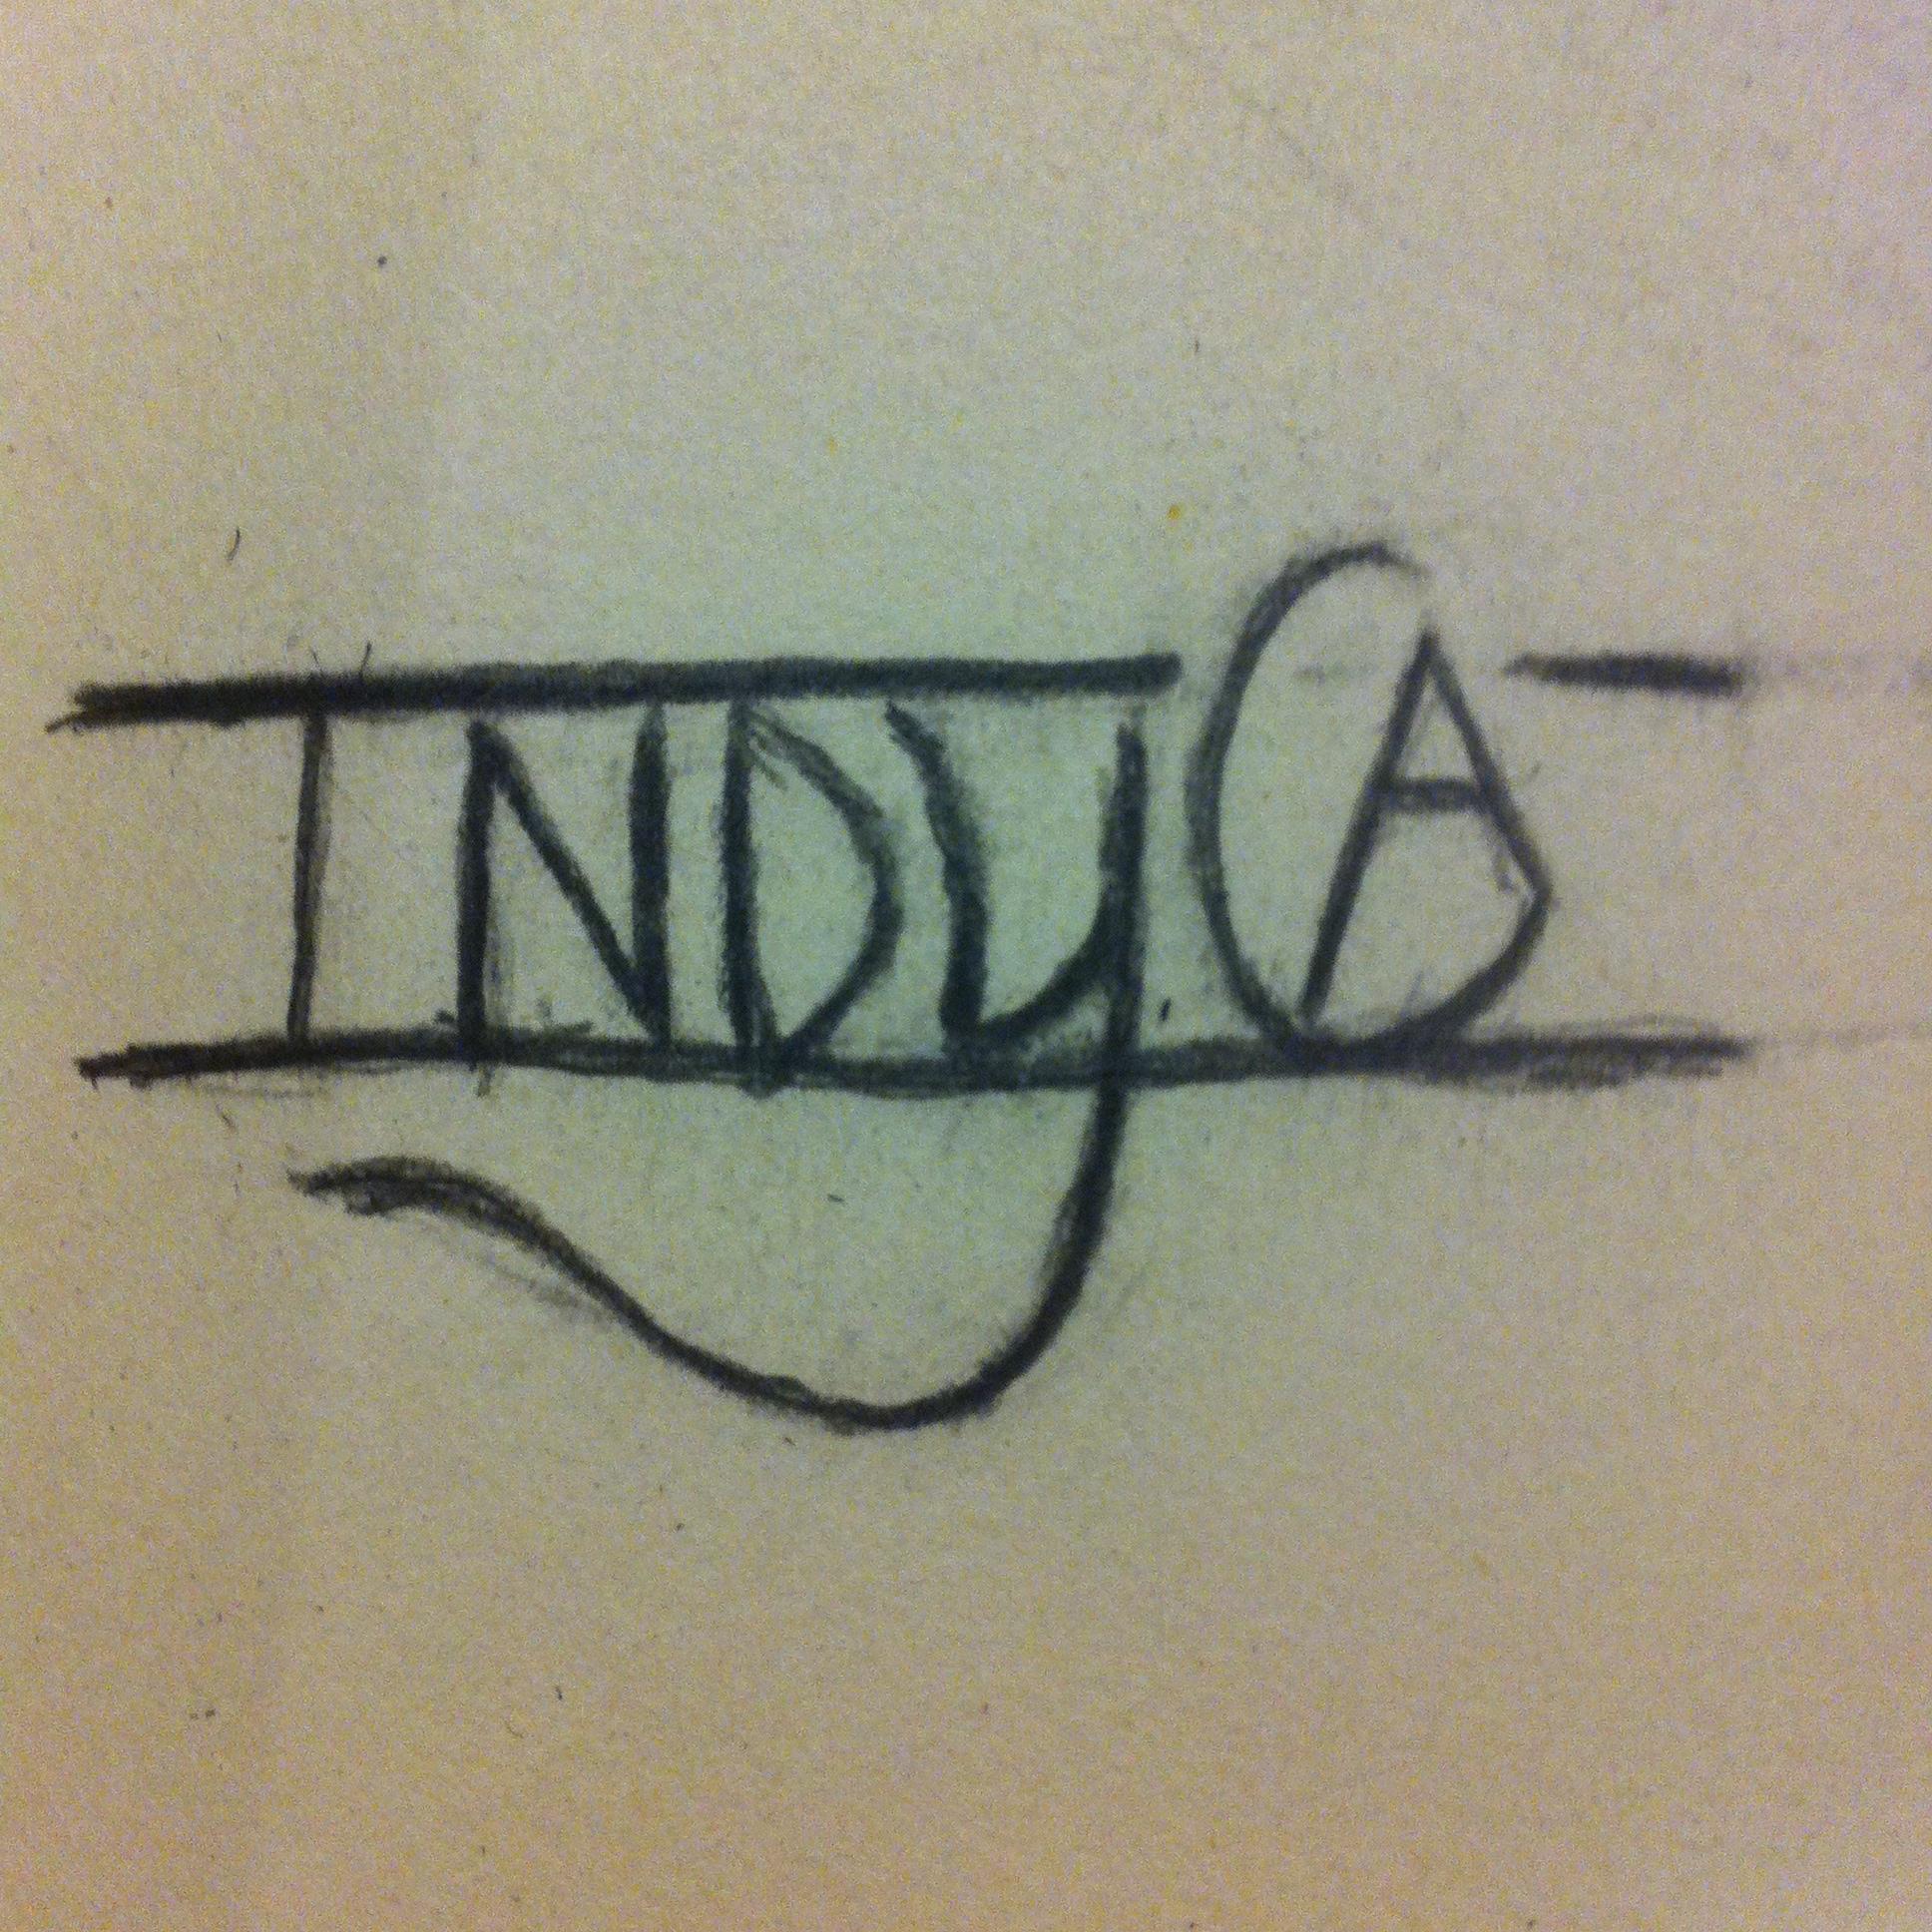 Indyca Sketch